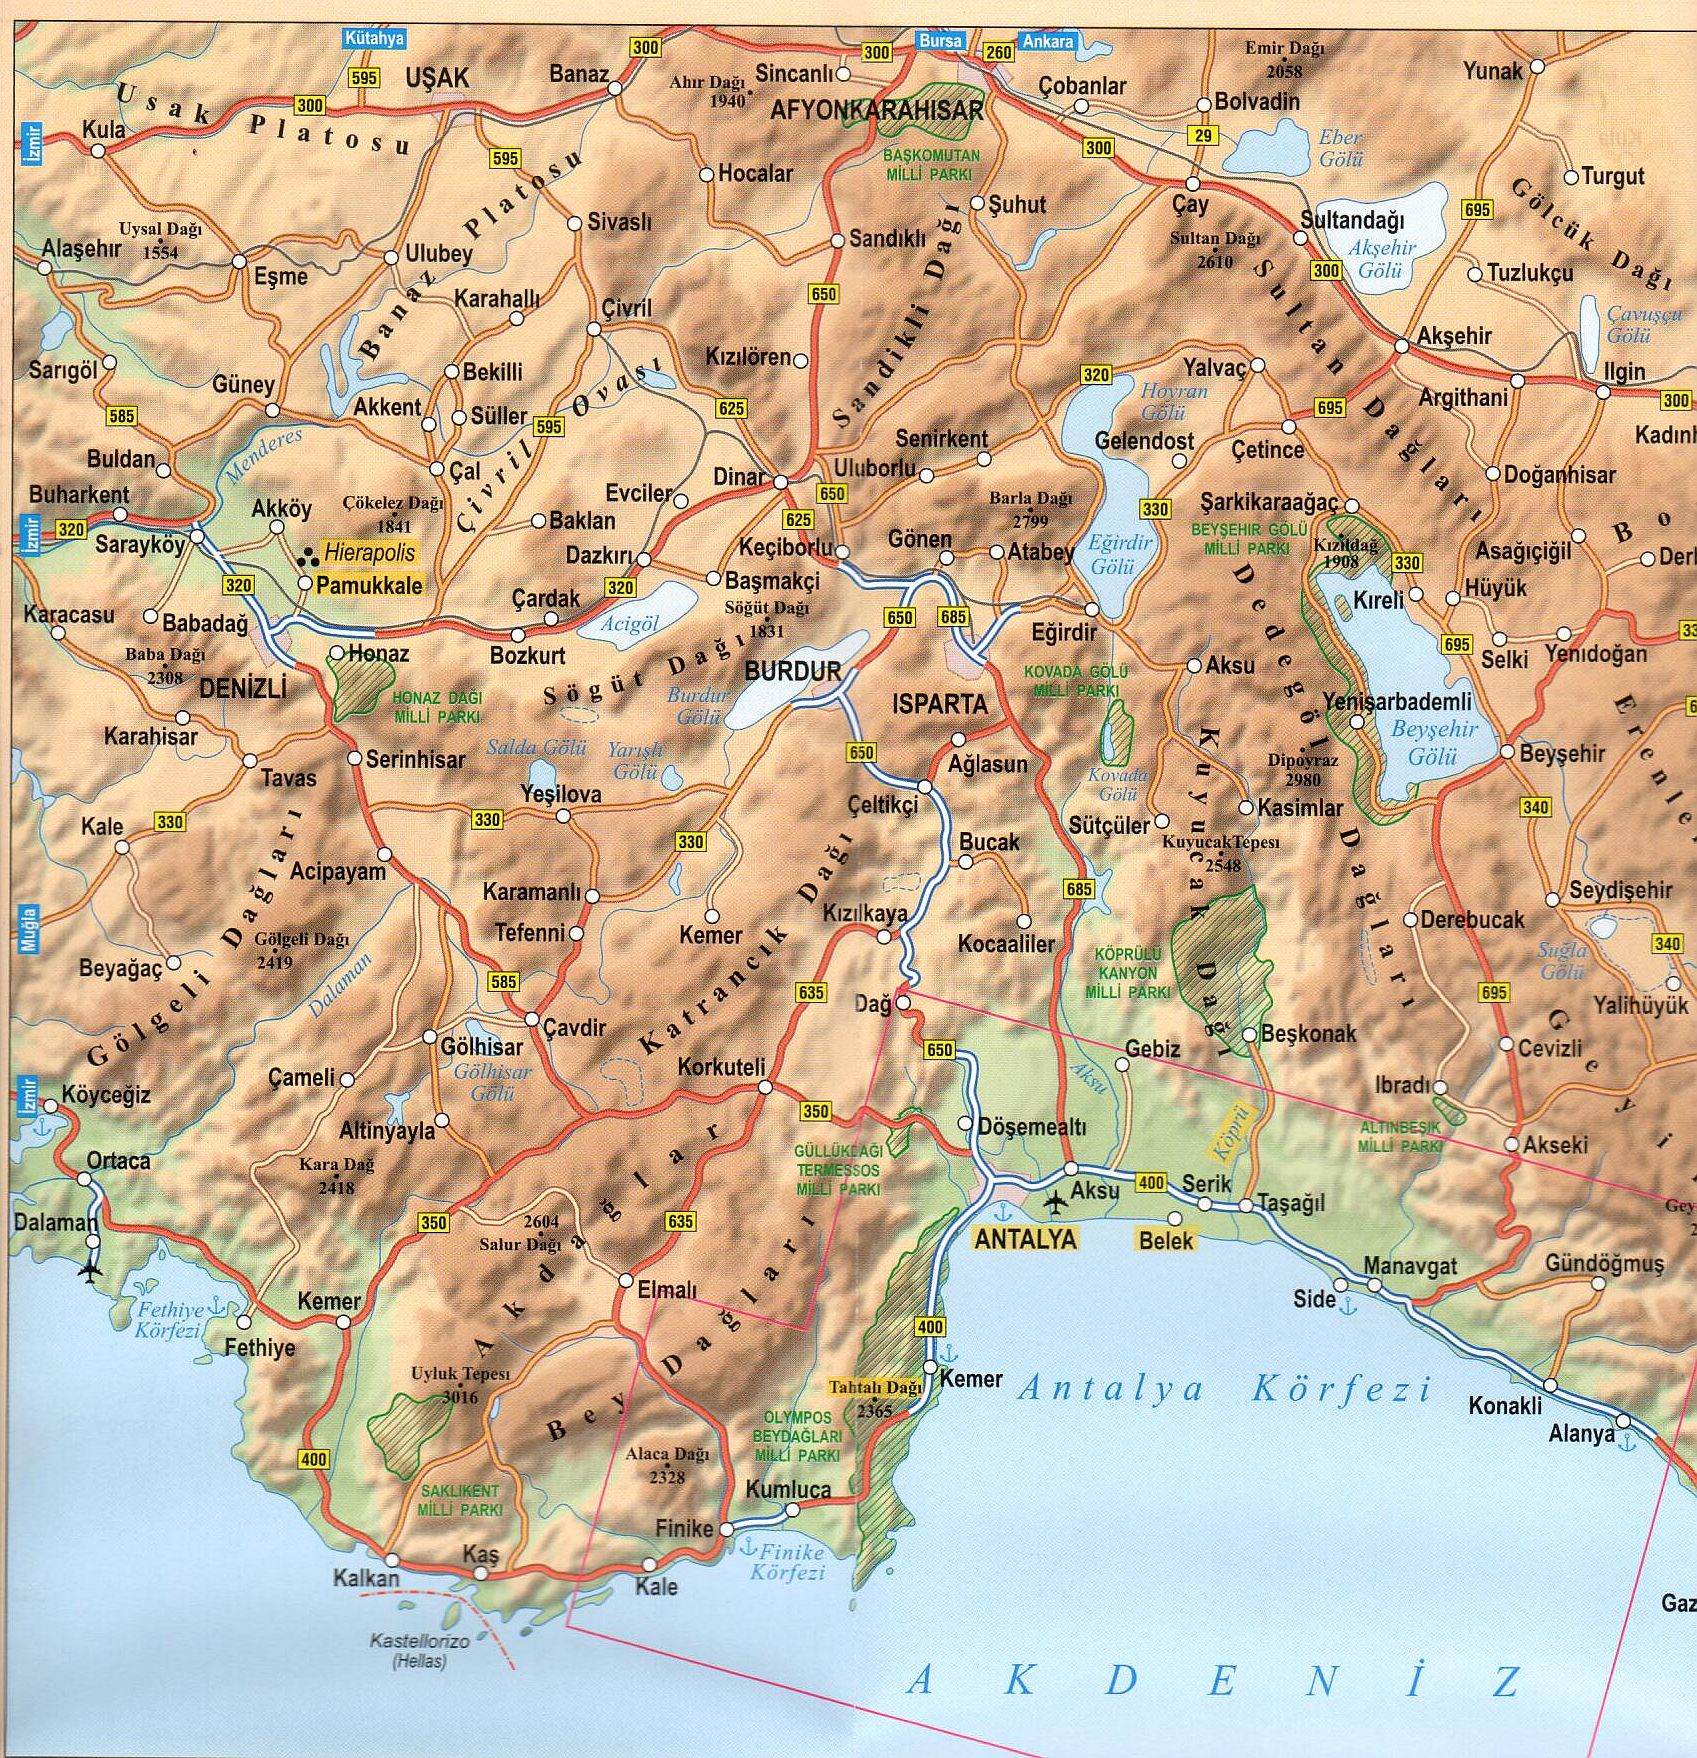 Török riviéra mintakivágat Anatólia